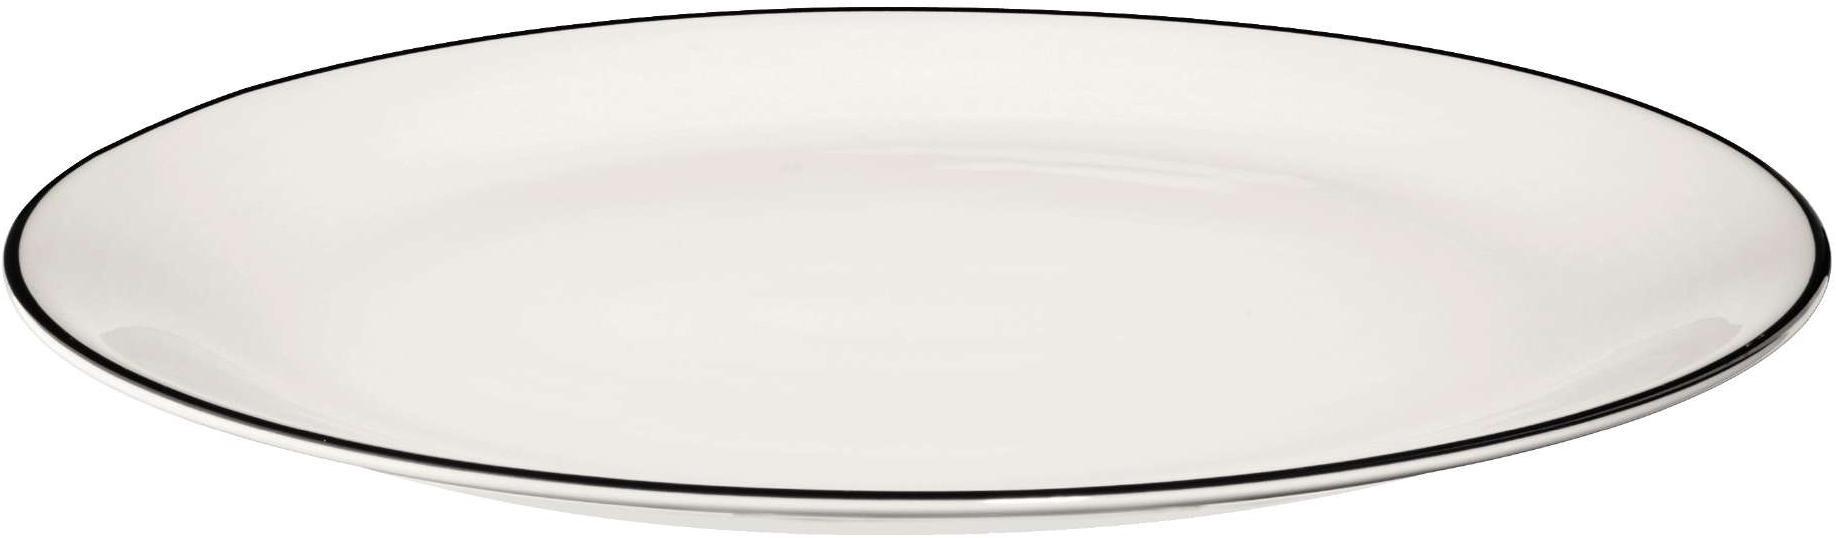 Piatto piano á table ligne noir 4 pz, Porcellana Fine Bone China, Bianco Bordo: nero, Ø 27 cm